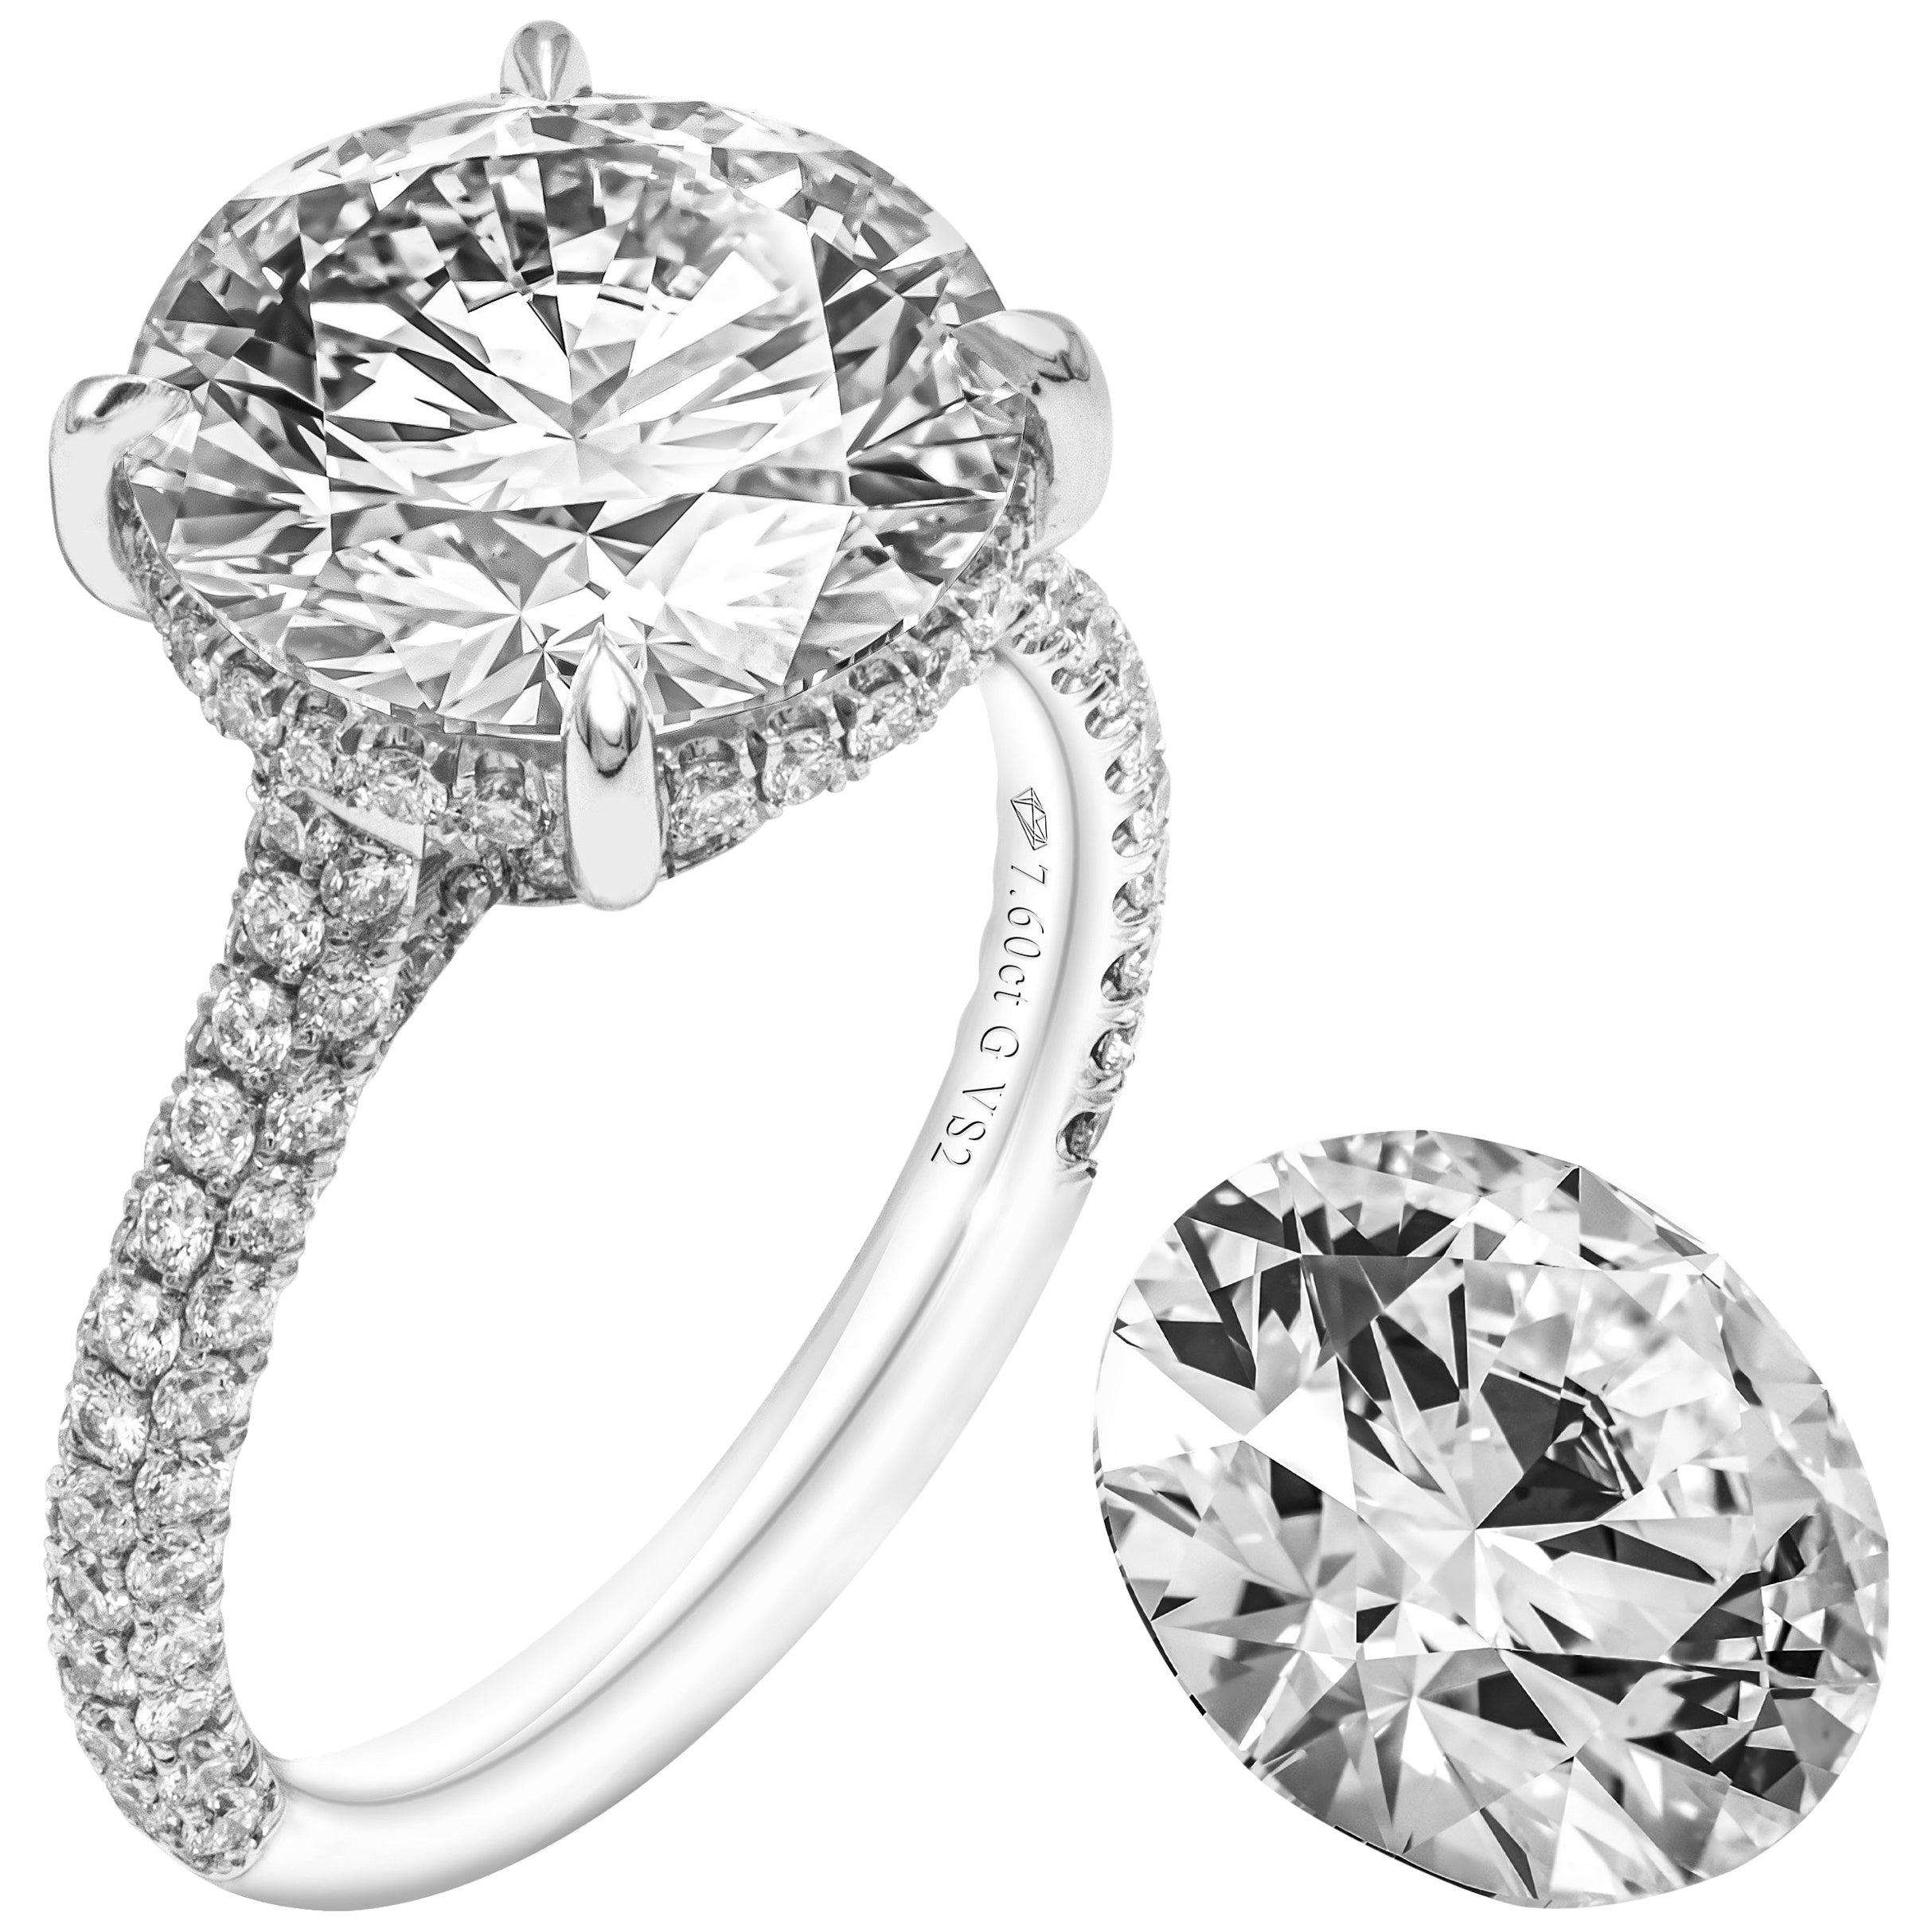 GIA Certified 7.60 Carat Round Diamond Engagement Ring